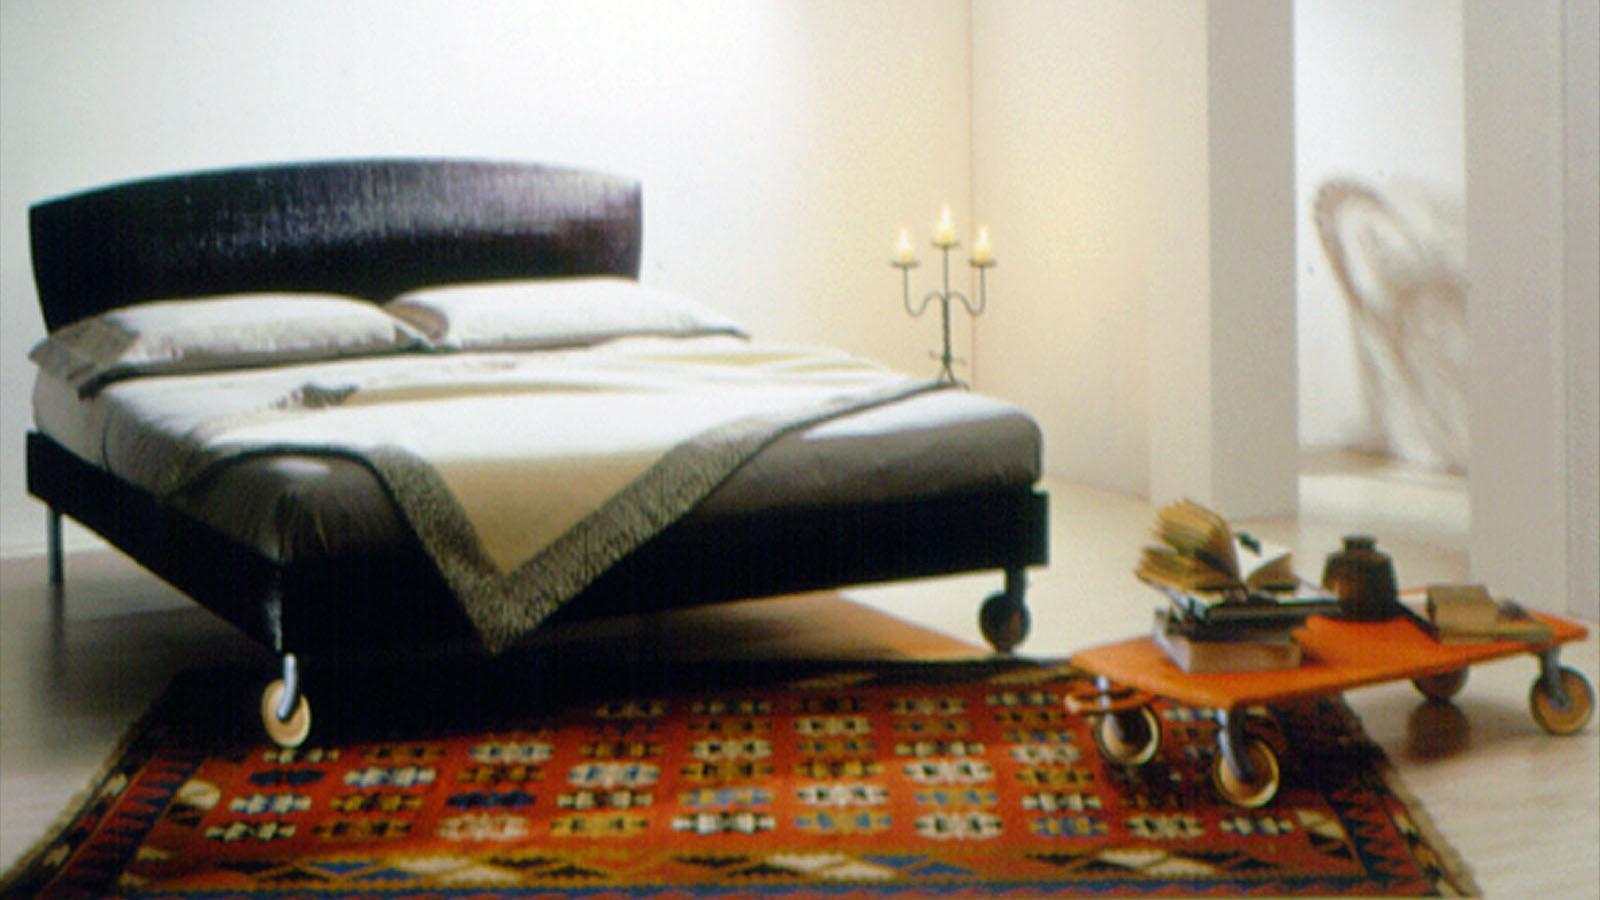 bonacina-theta-chair-collection-letto